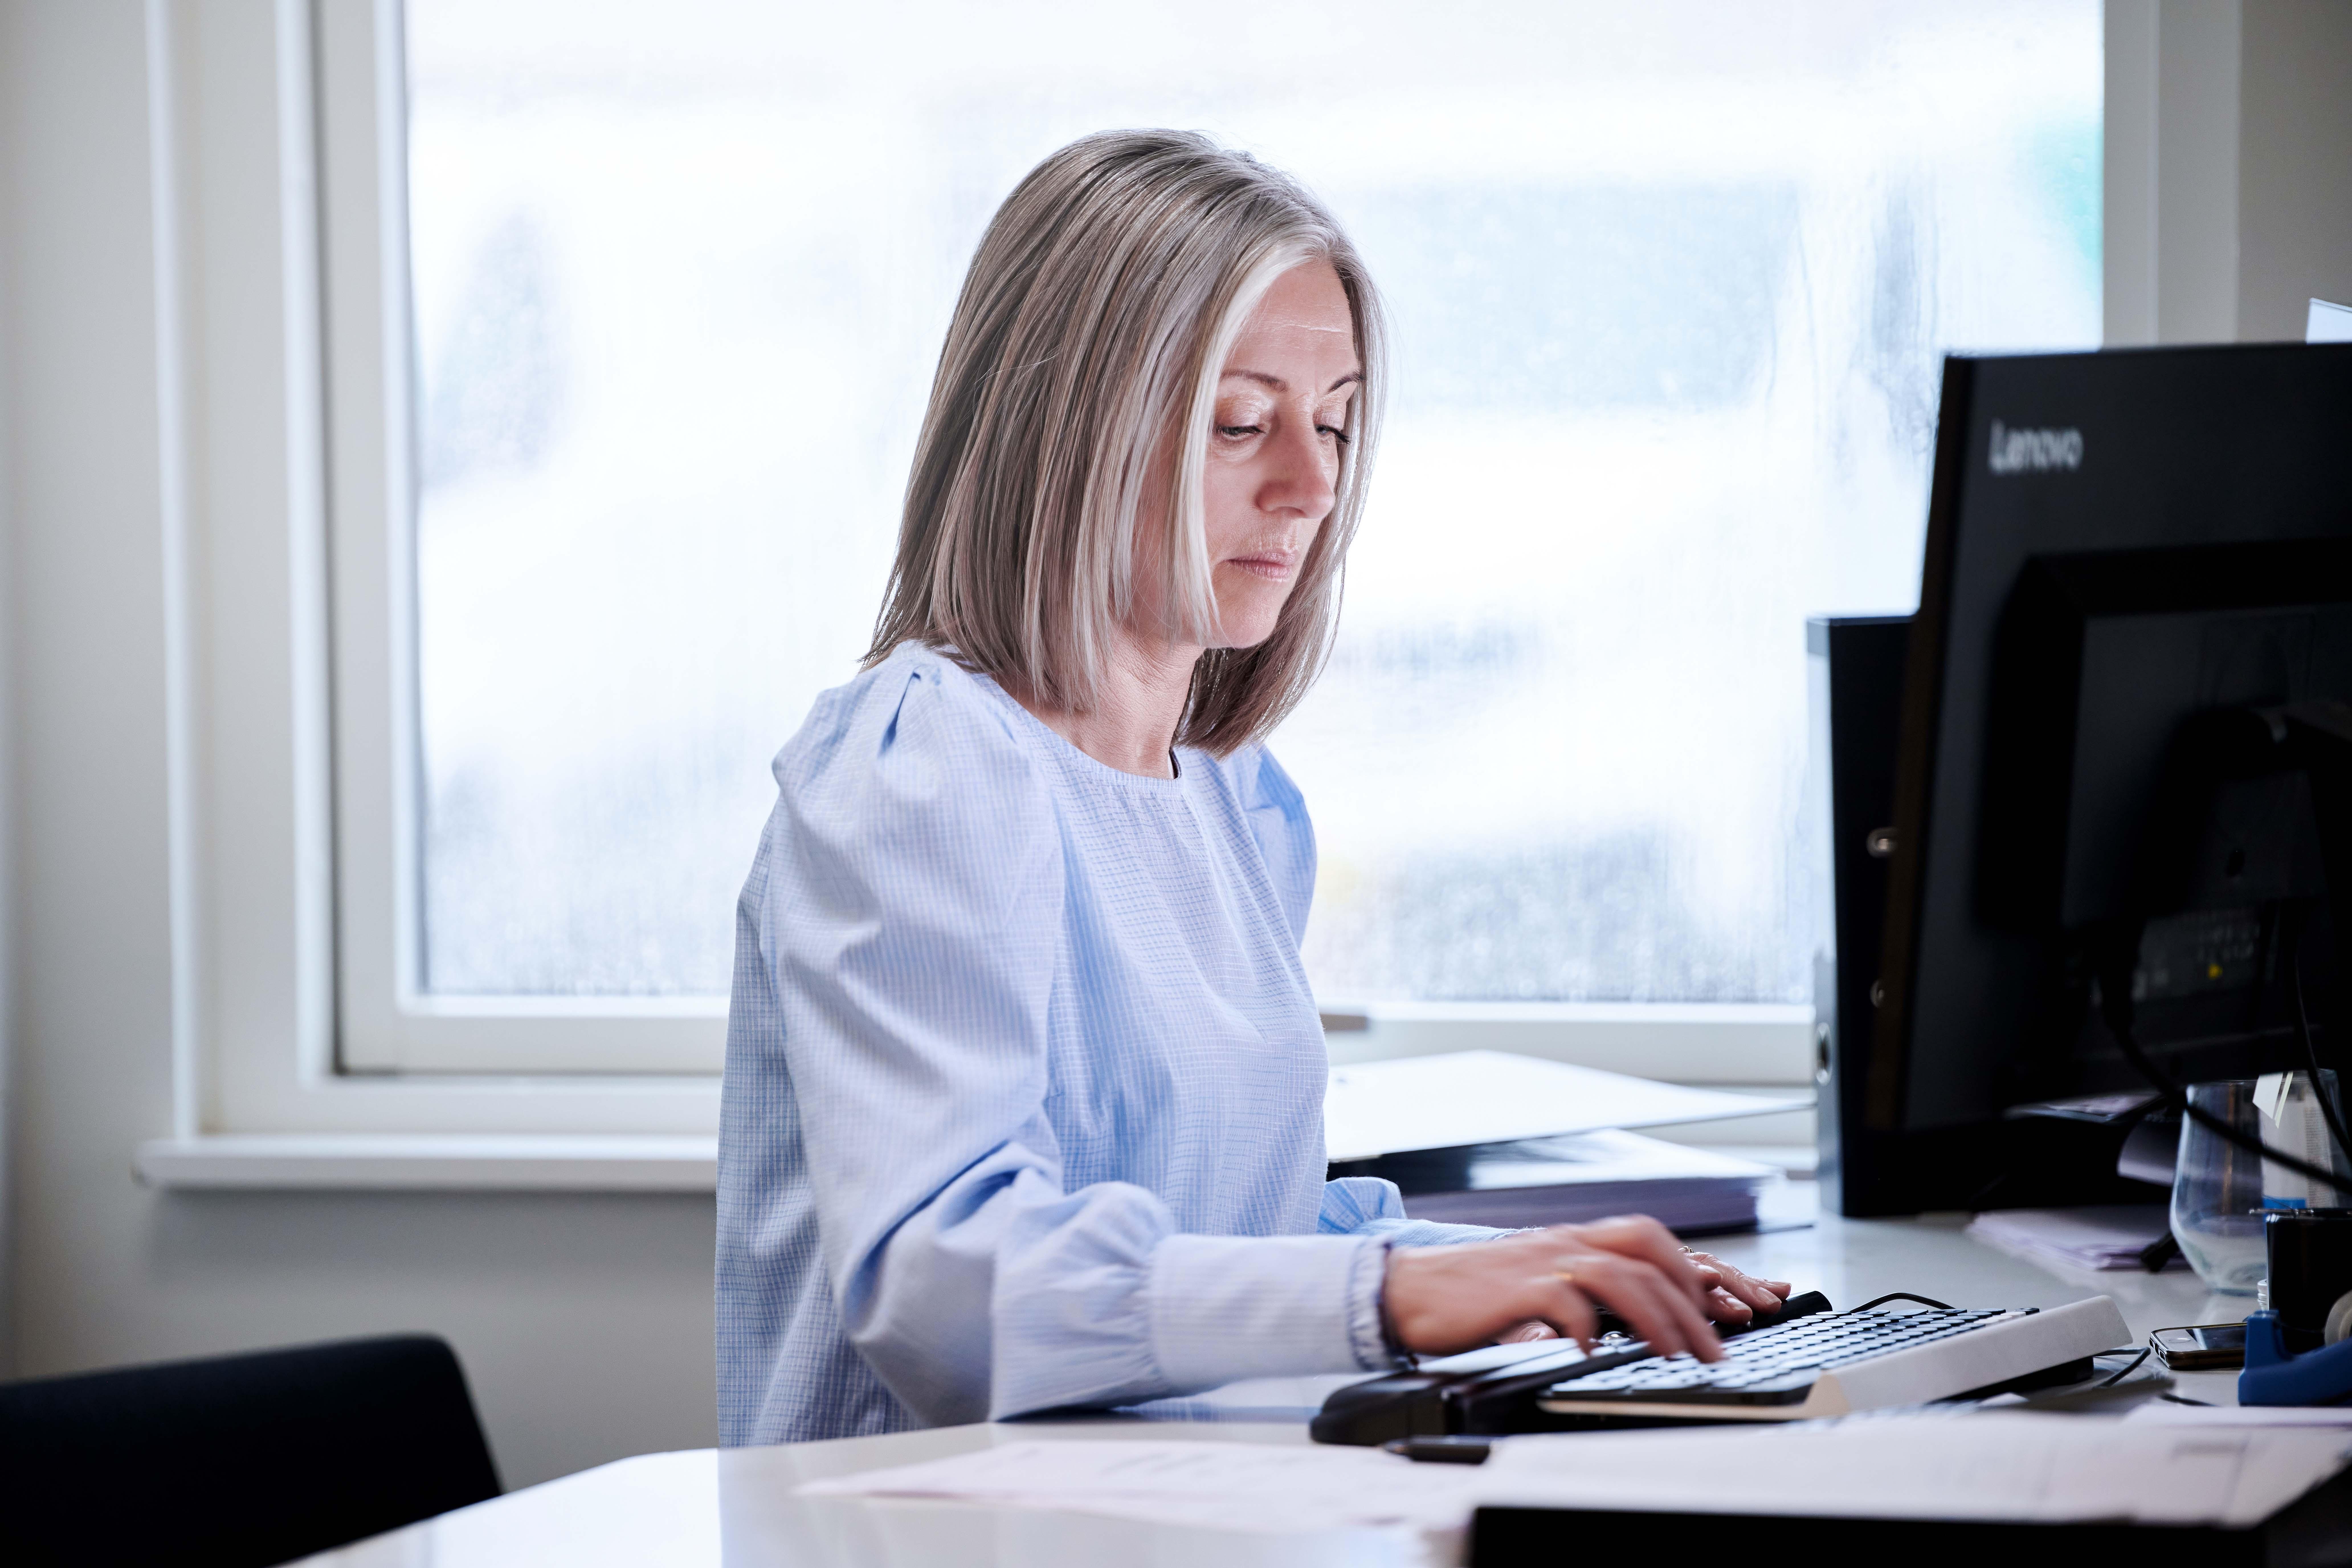 Kvinde sidder ved computer og laver administrativt arbejde